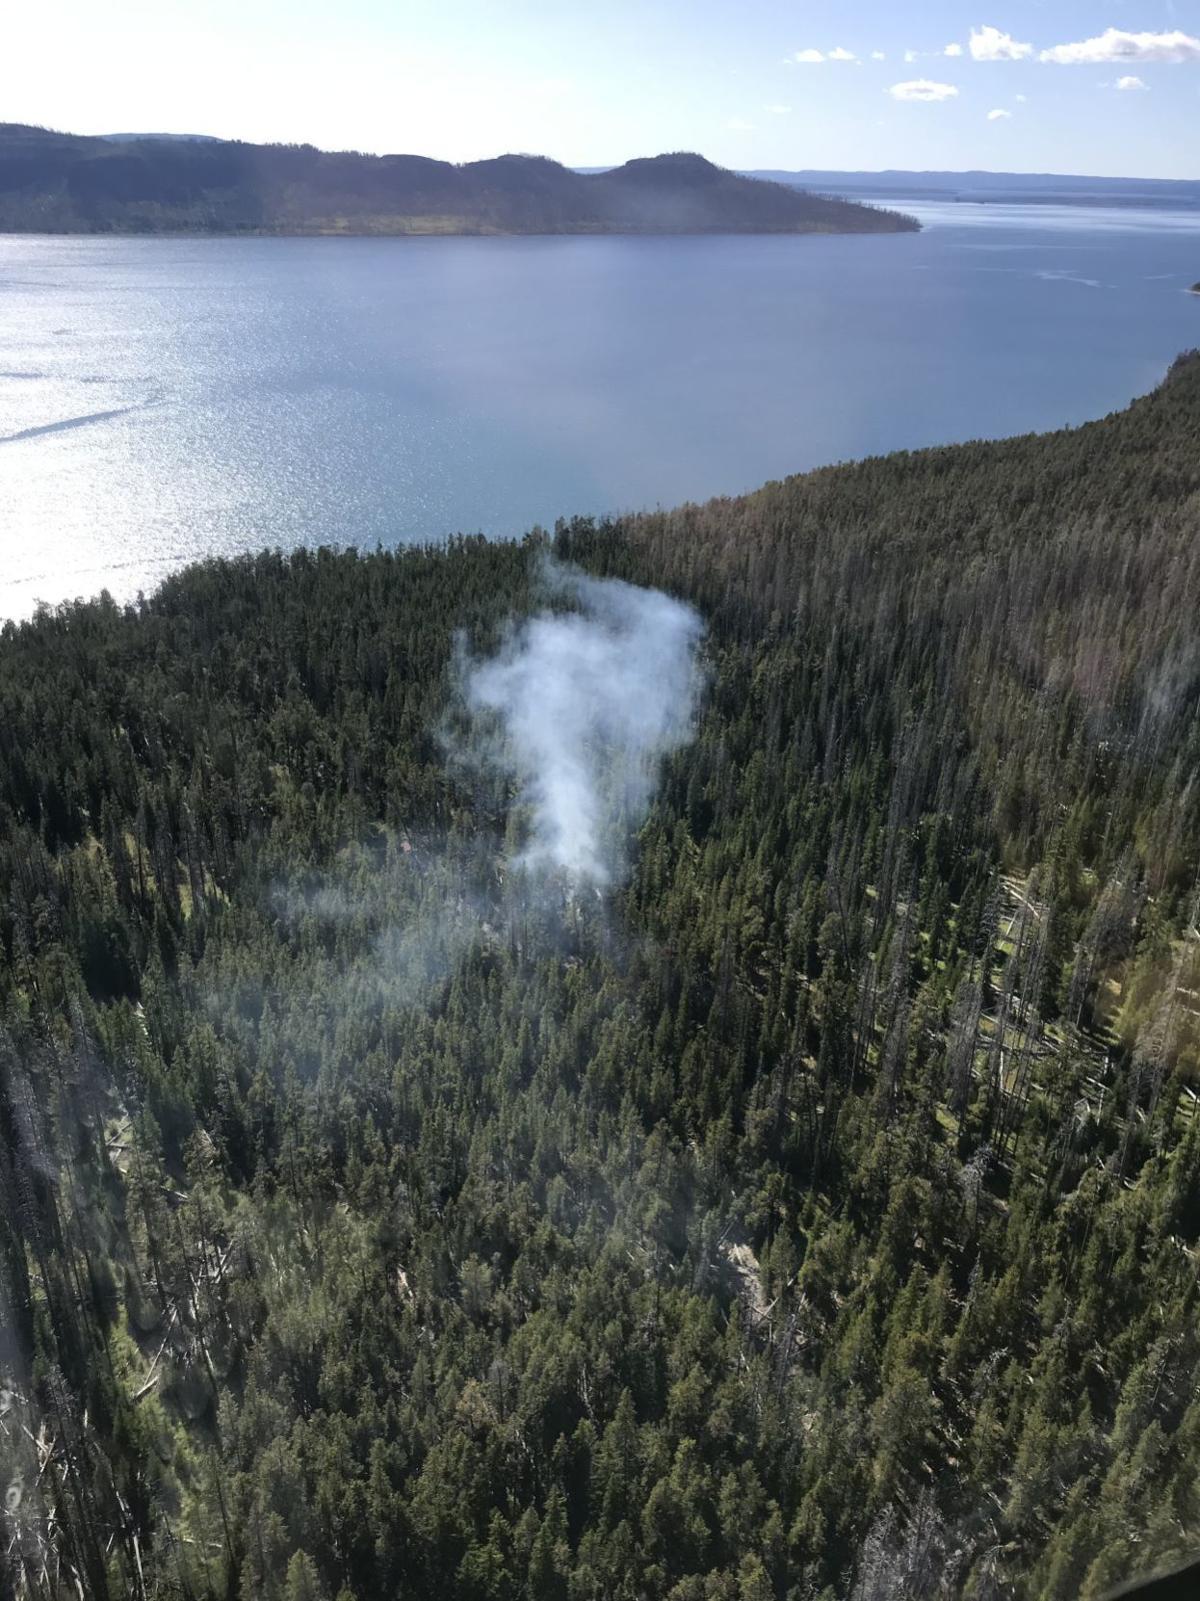 Brimstone Fire in Yellowstone